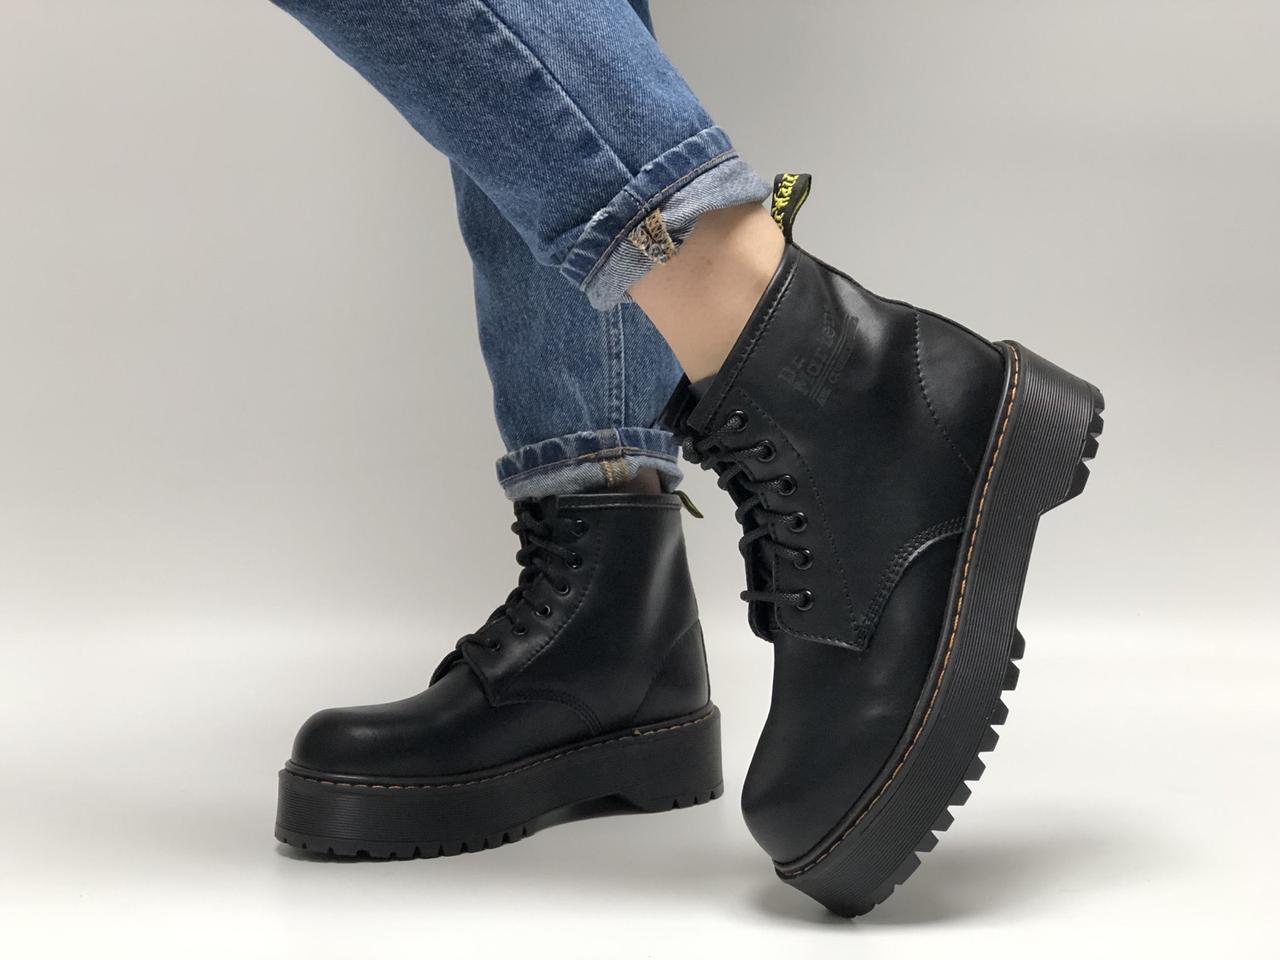 Женские ботинки Dr.Martens Rad JADON mid кожа, демисезон черный. ТОП Реплика ААА класса.